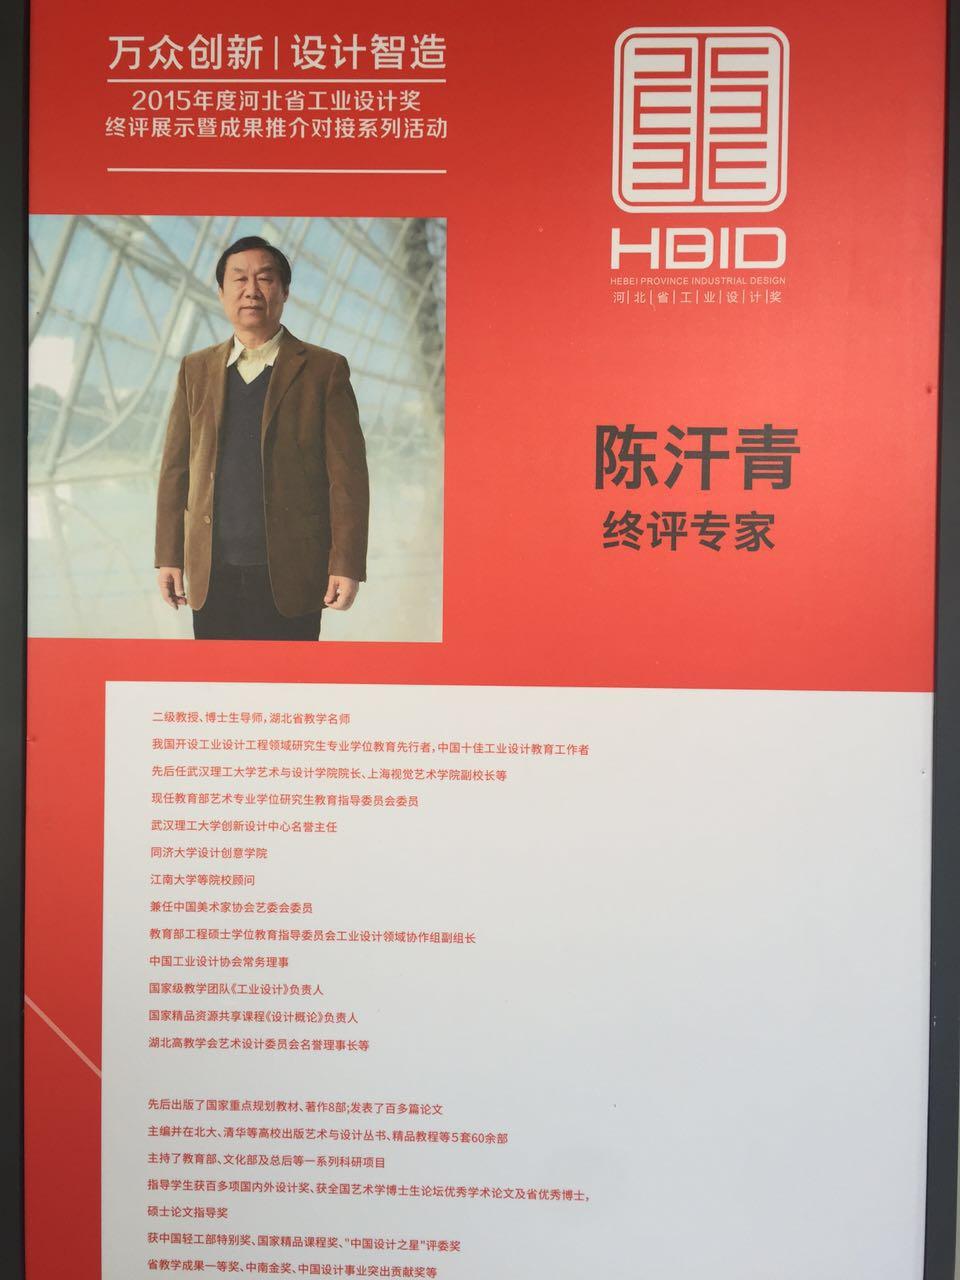 万众创新 设计智造 2015年度河北省工业设计奖圆满落幕图片